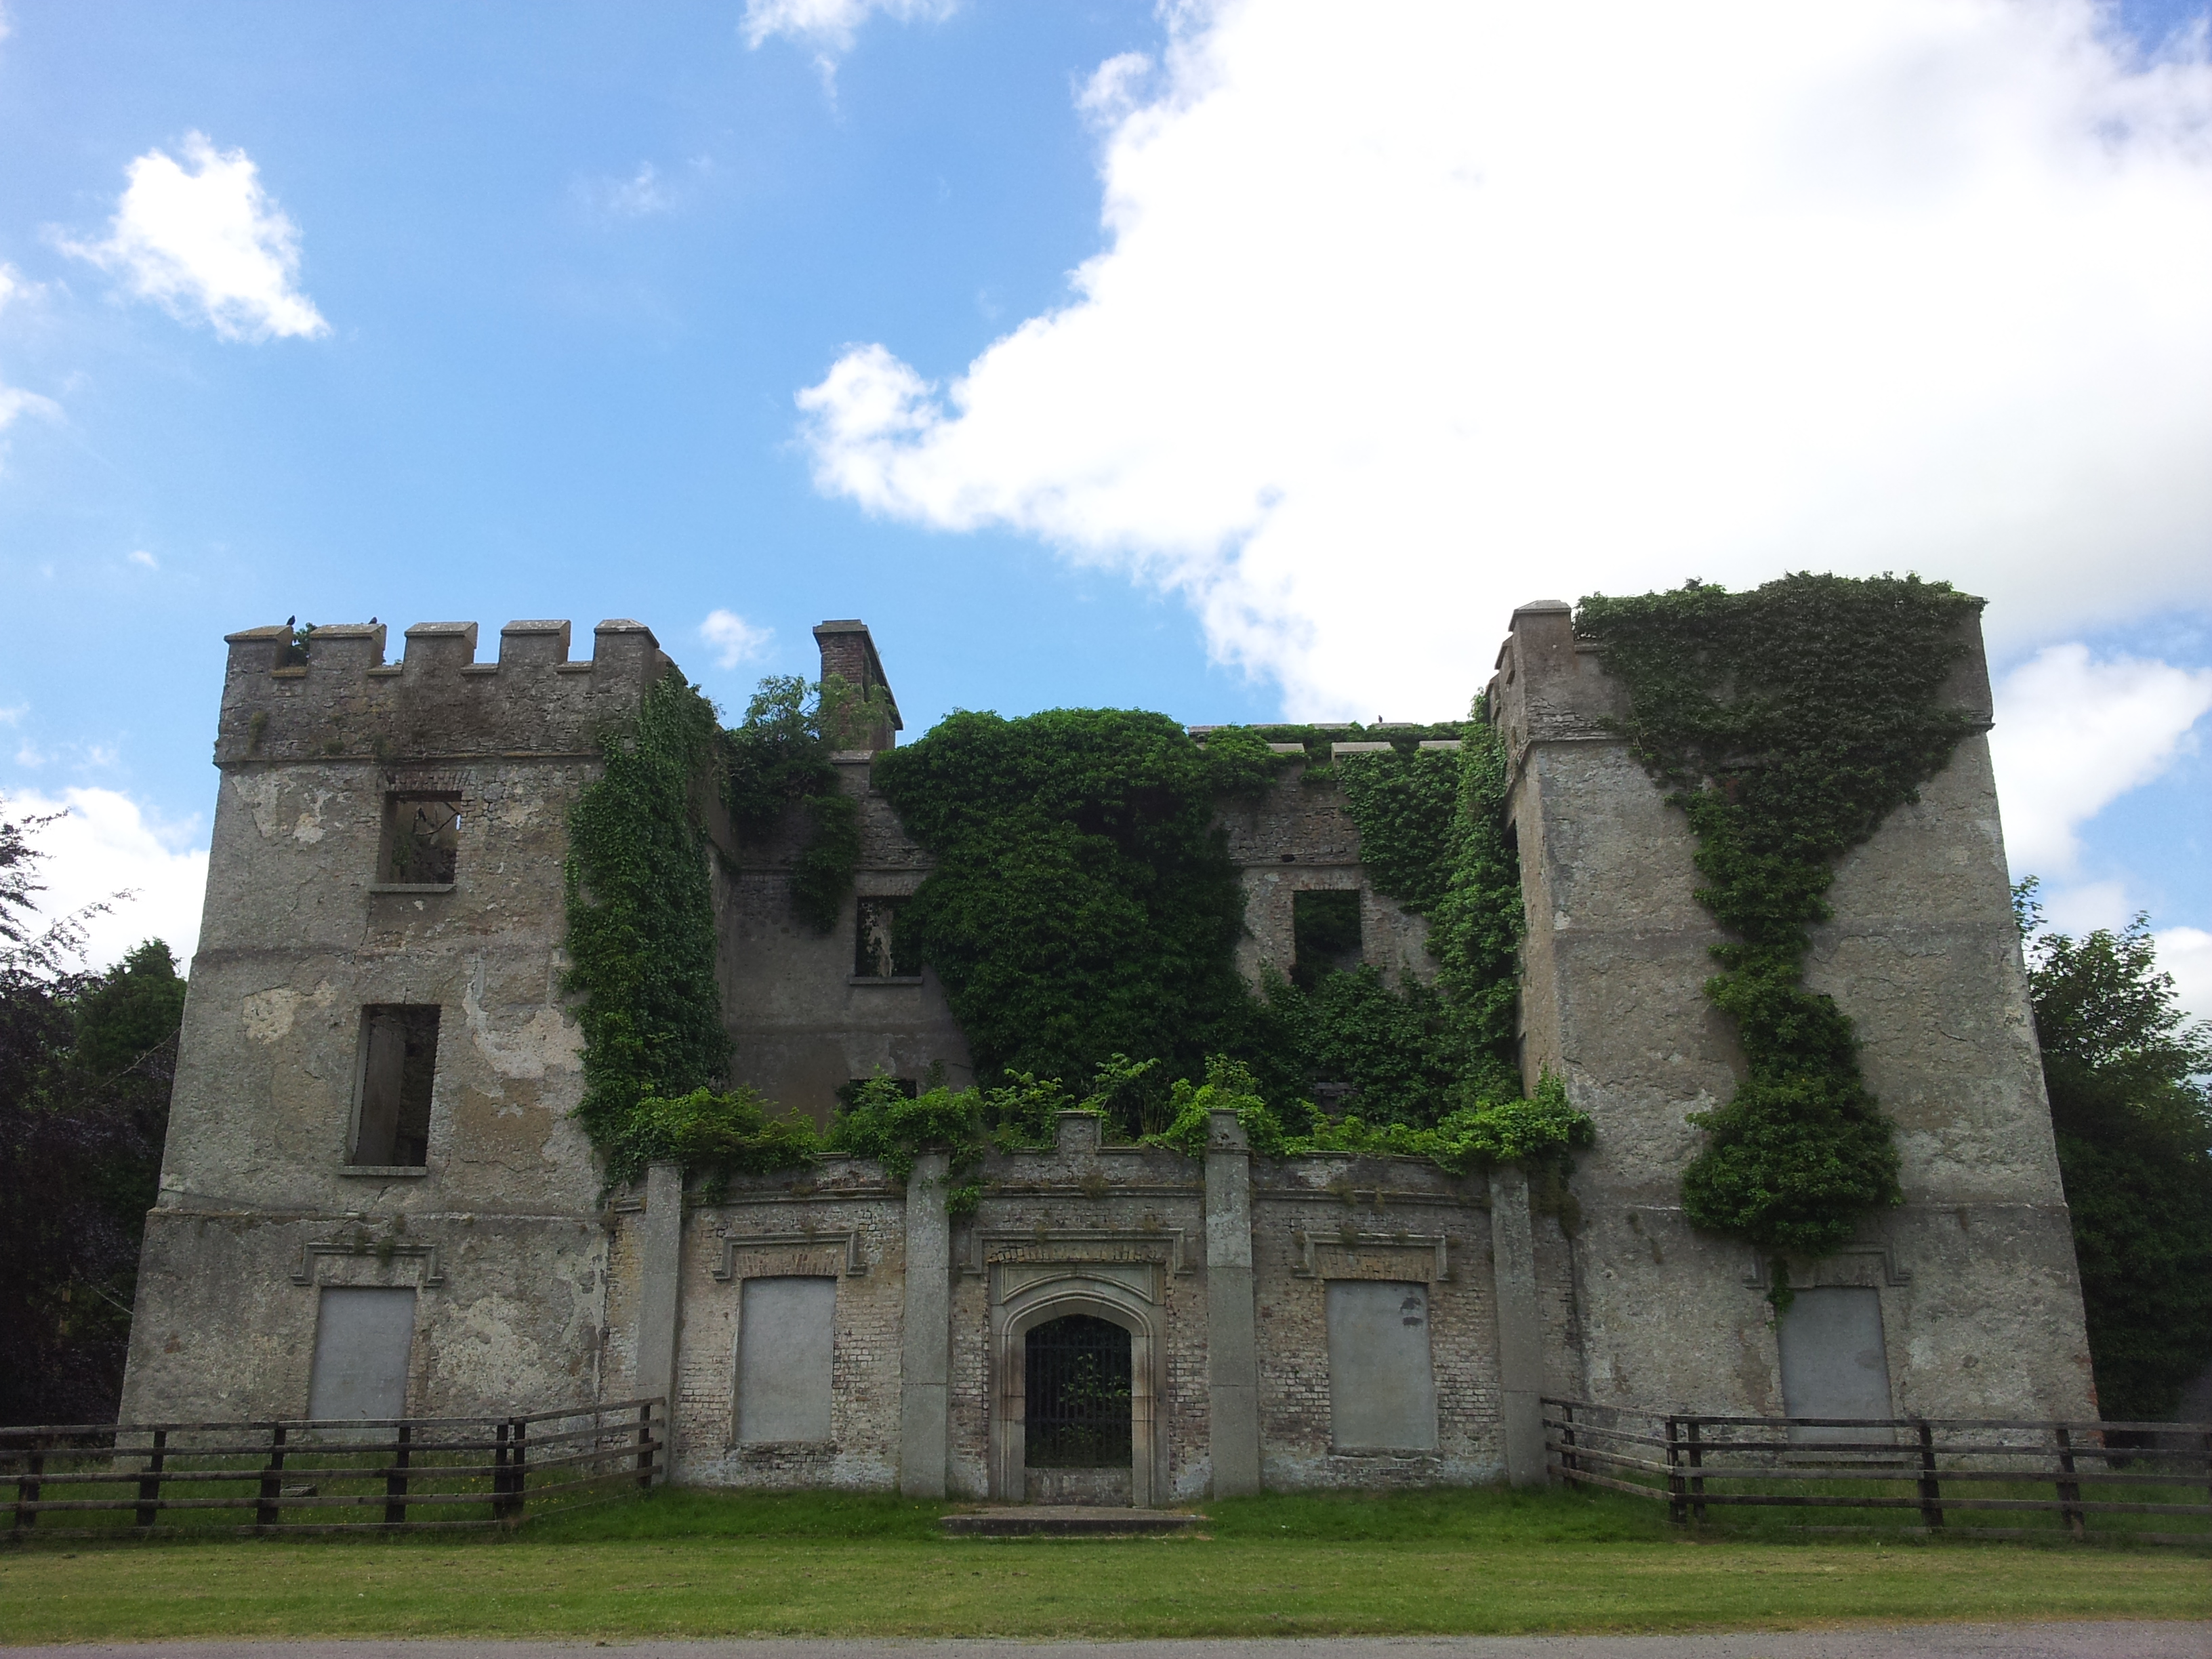 02 donadea castle co kildare visions of the past for Kildare castle